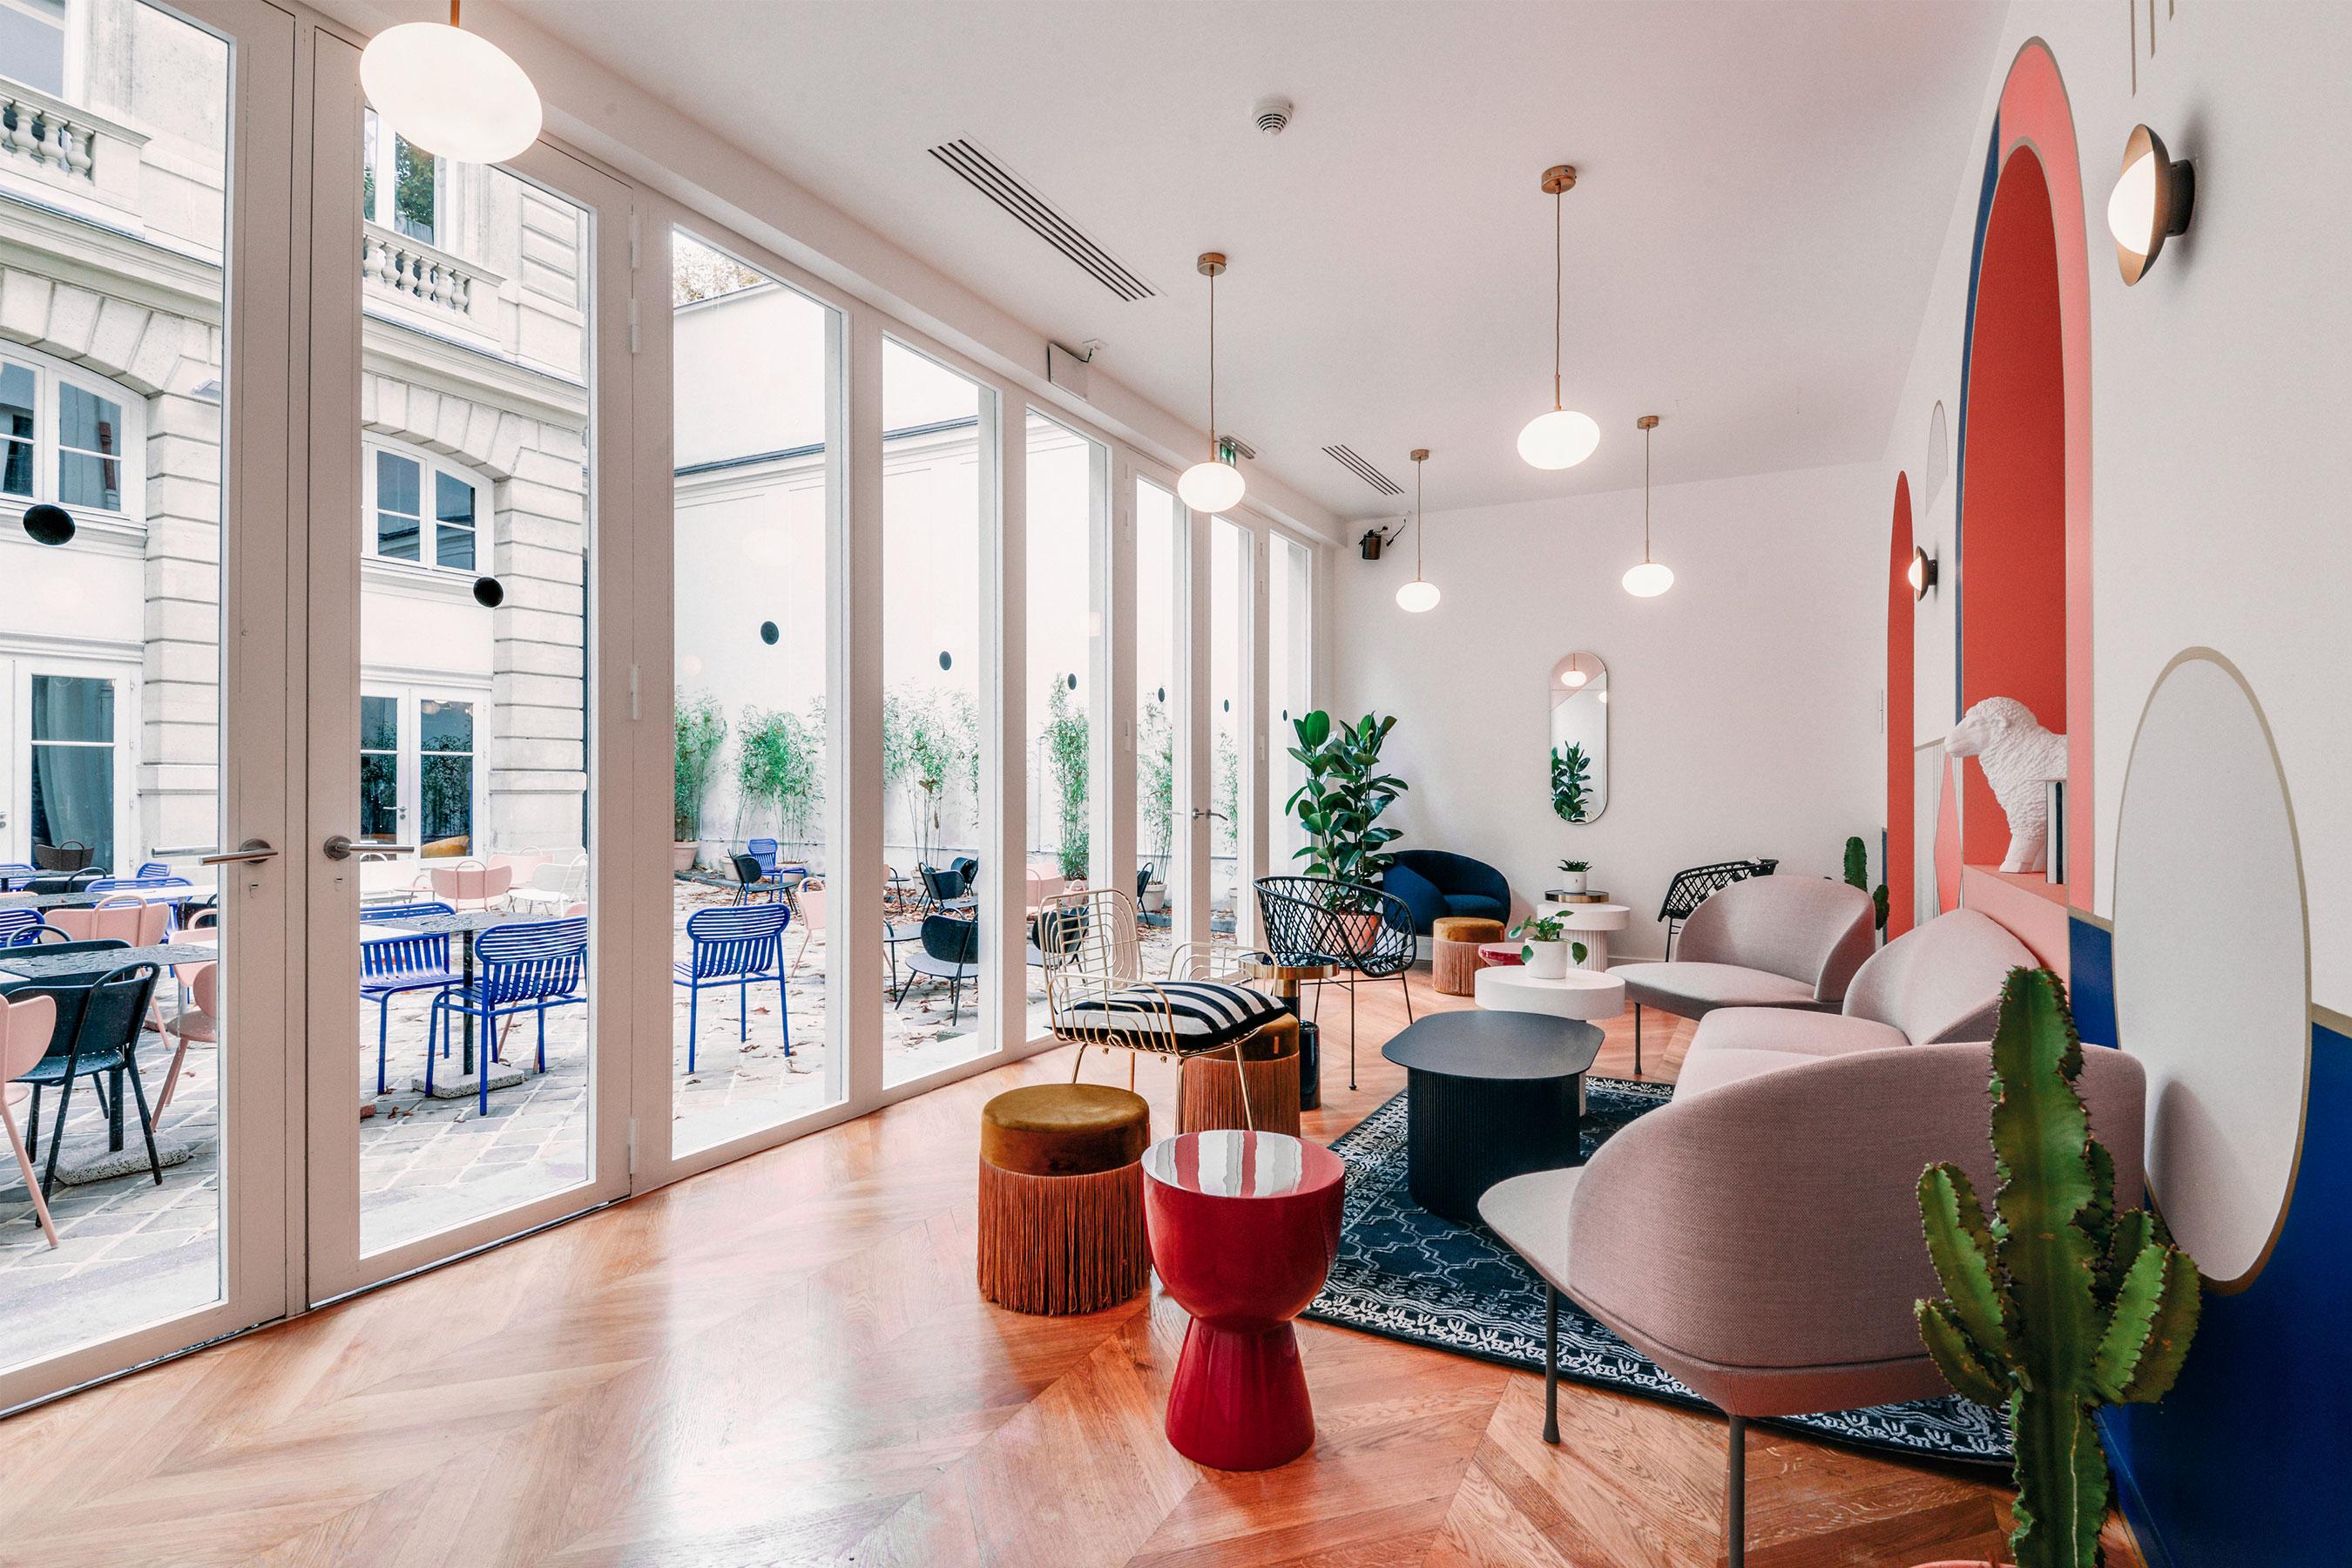 coworking Champs-Elysees - Espace commun et cour intérieur